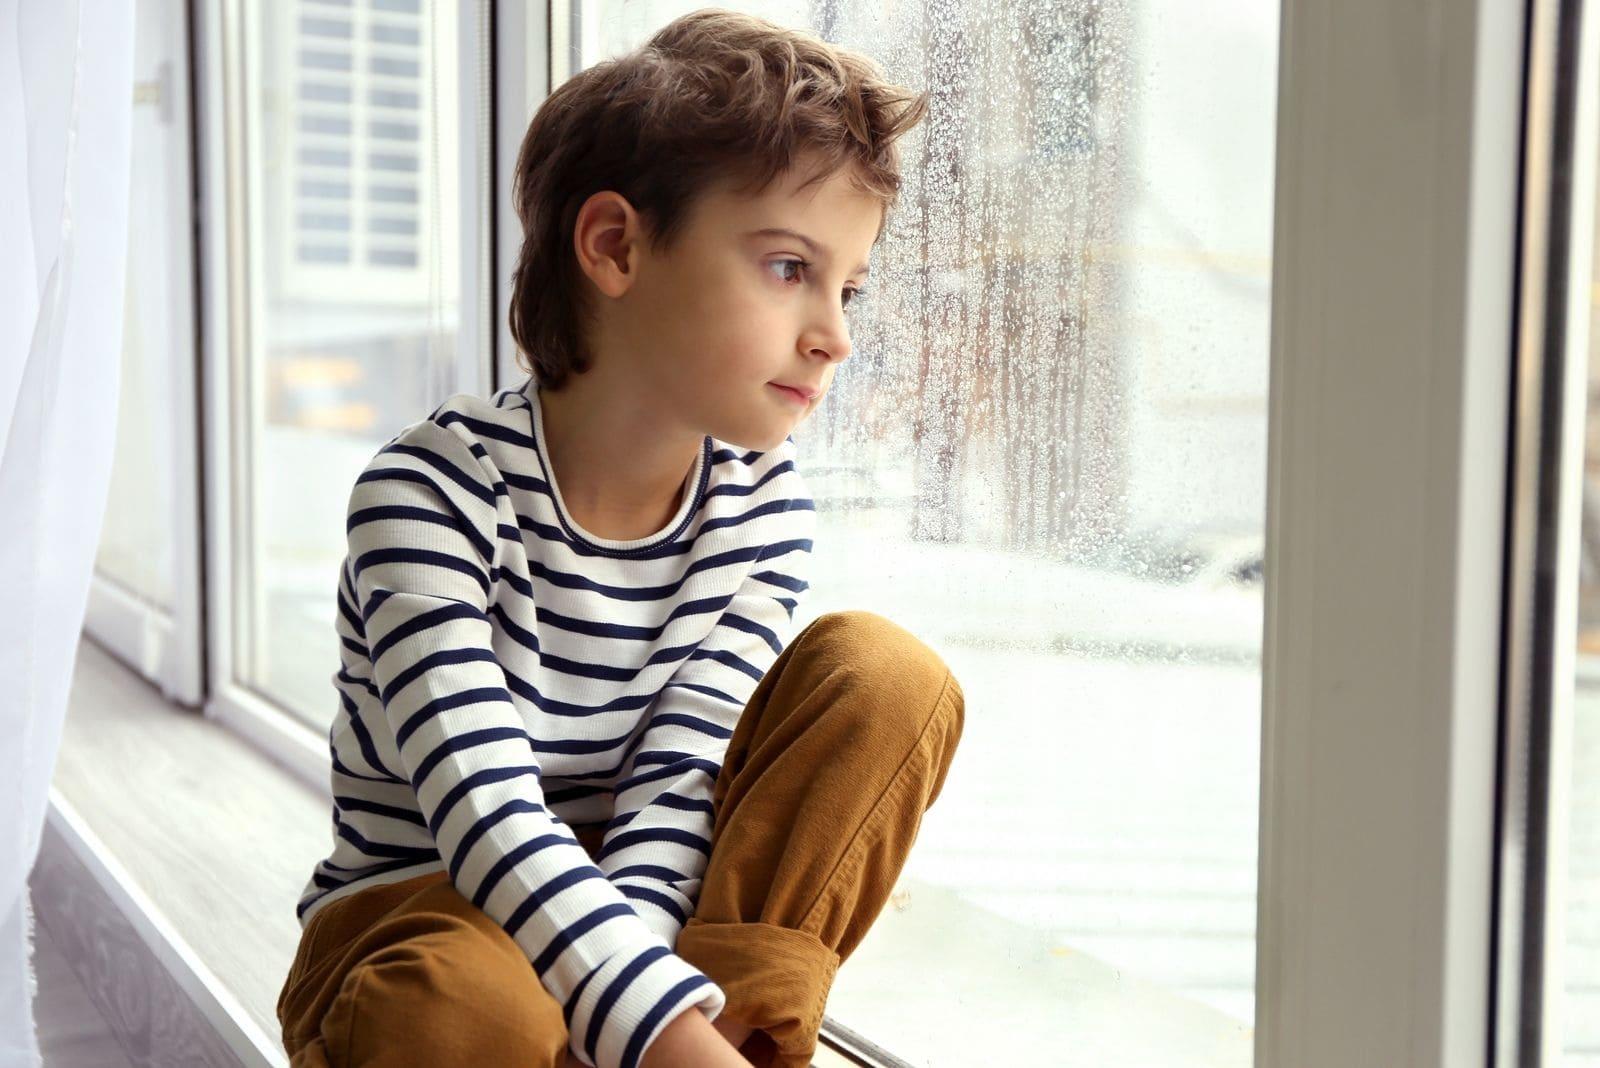 cute little boy sitting by the window sill looking outside